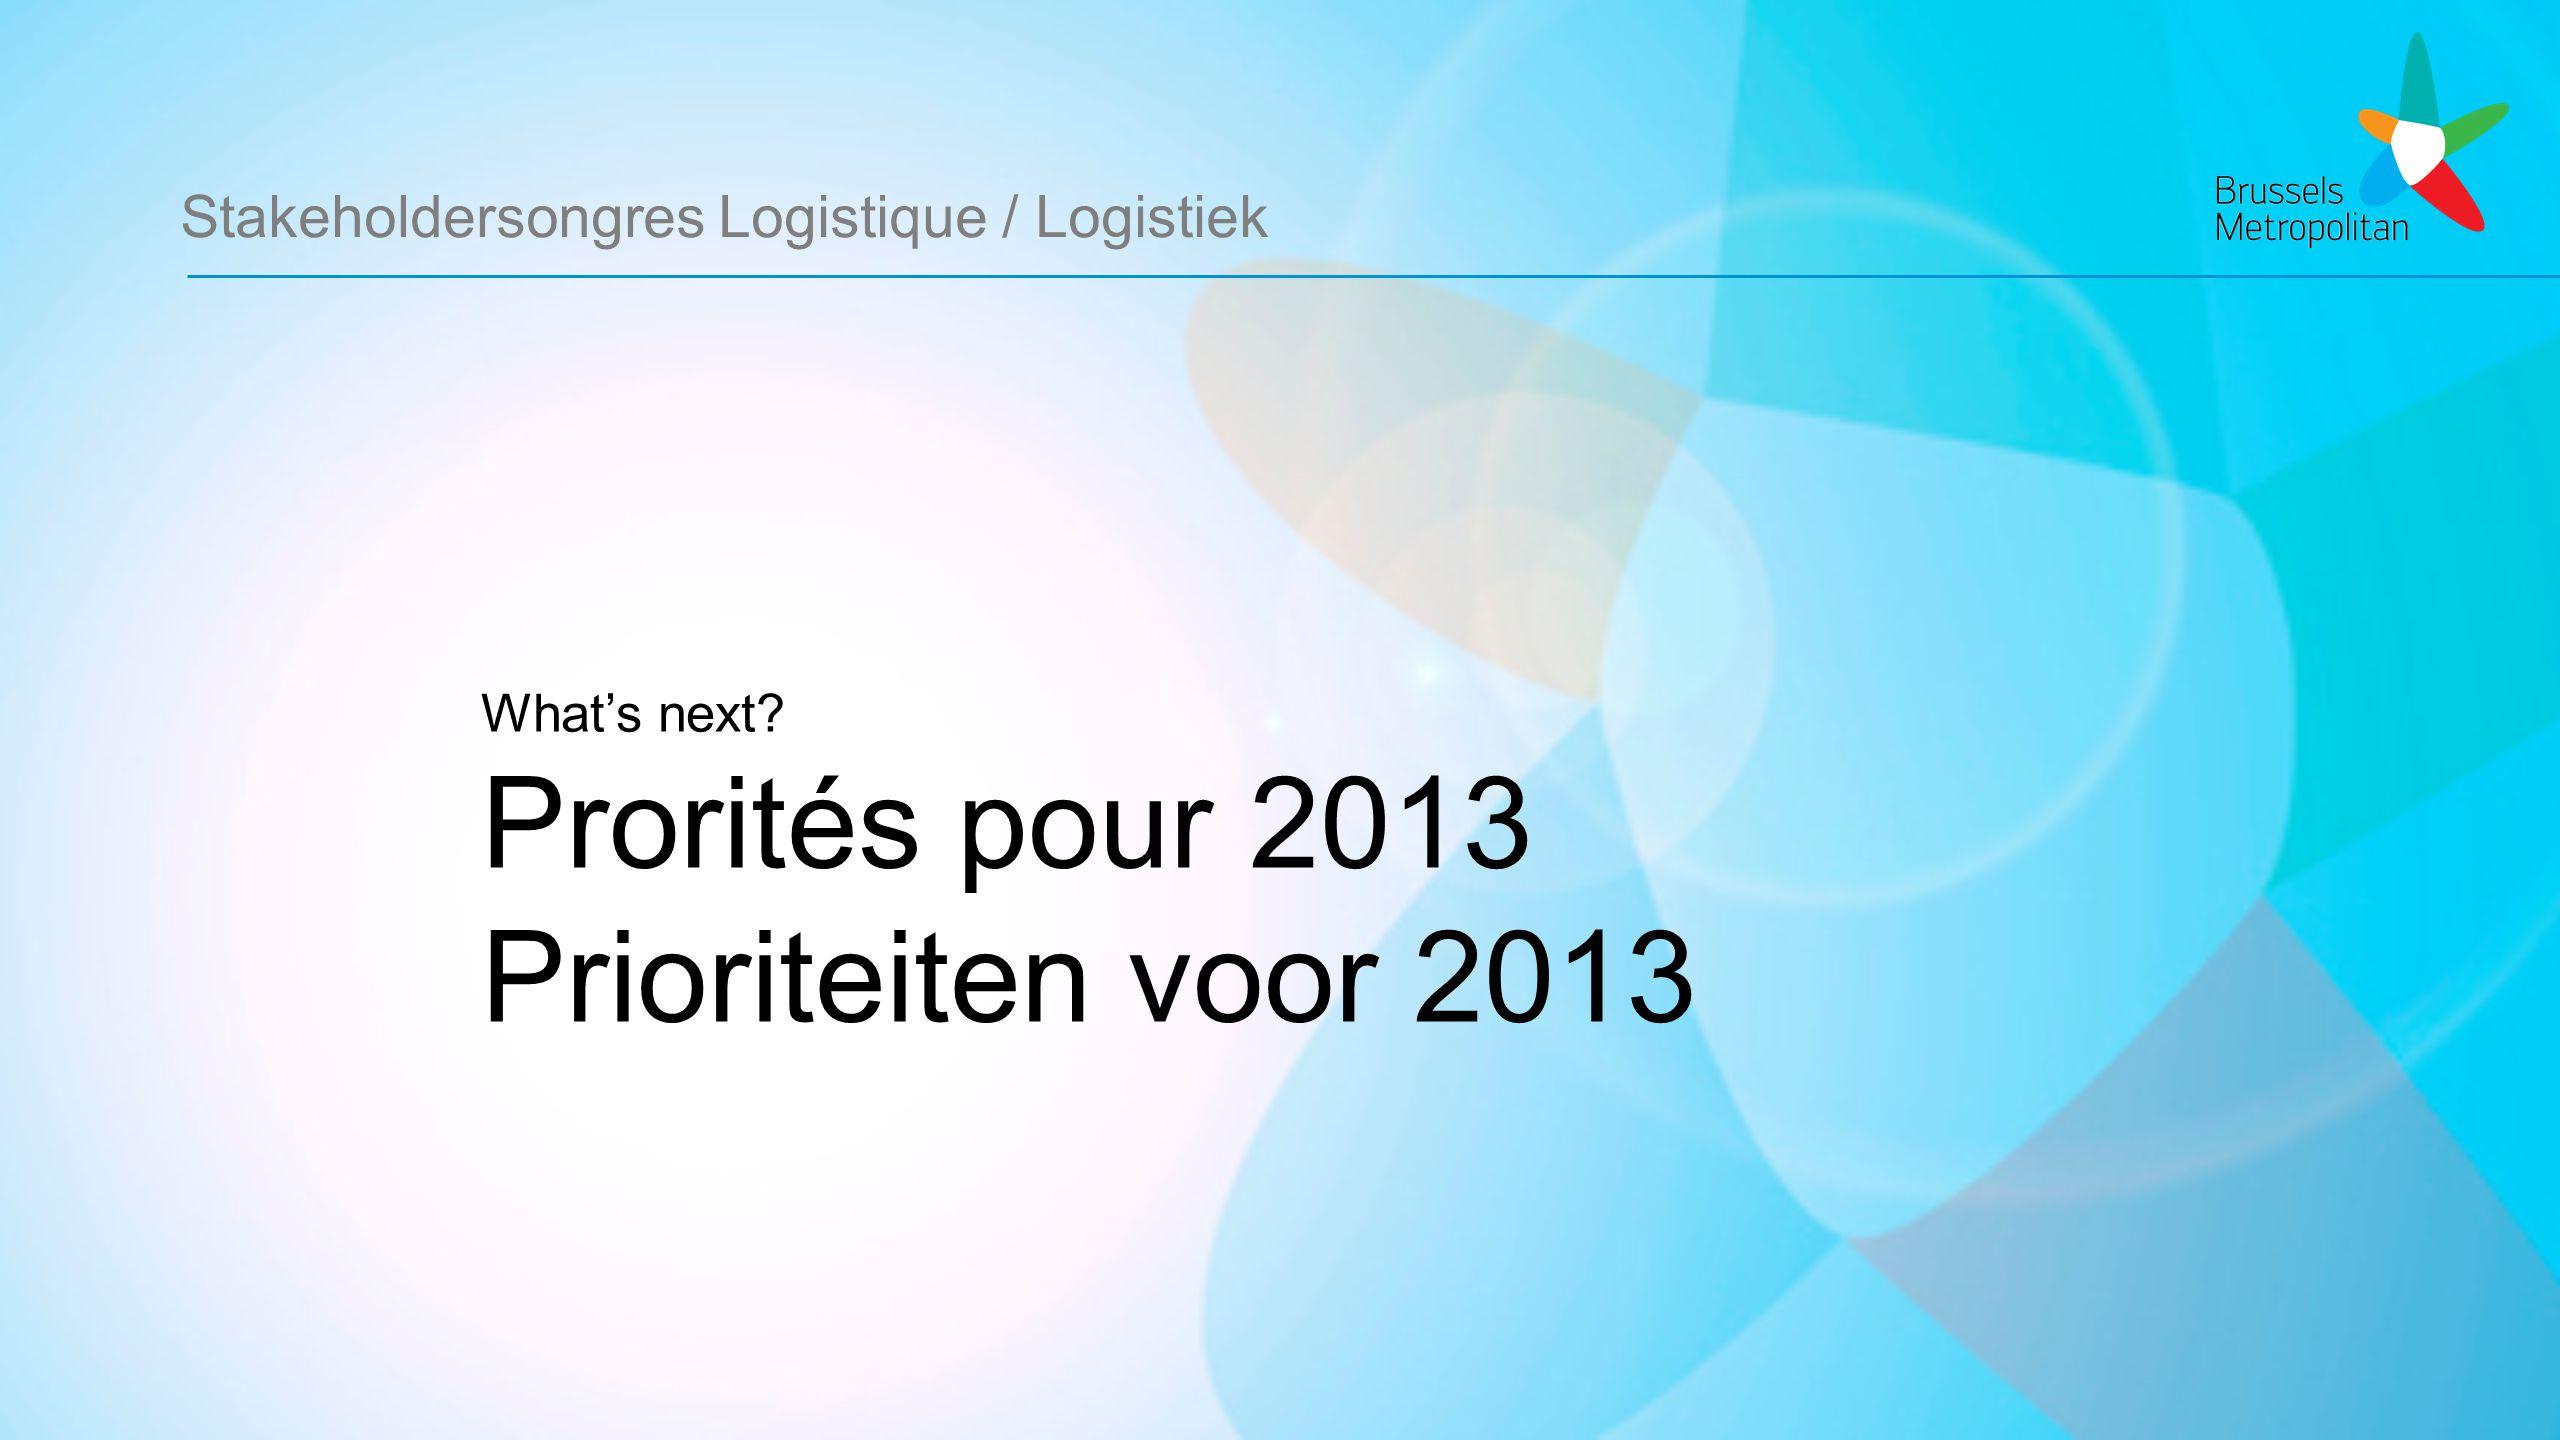 Stakeholdersongres Logistique / Logistiek What's next Prorités pour 2013 Prioriteiten voor 2013